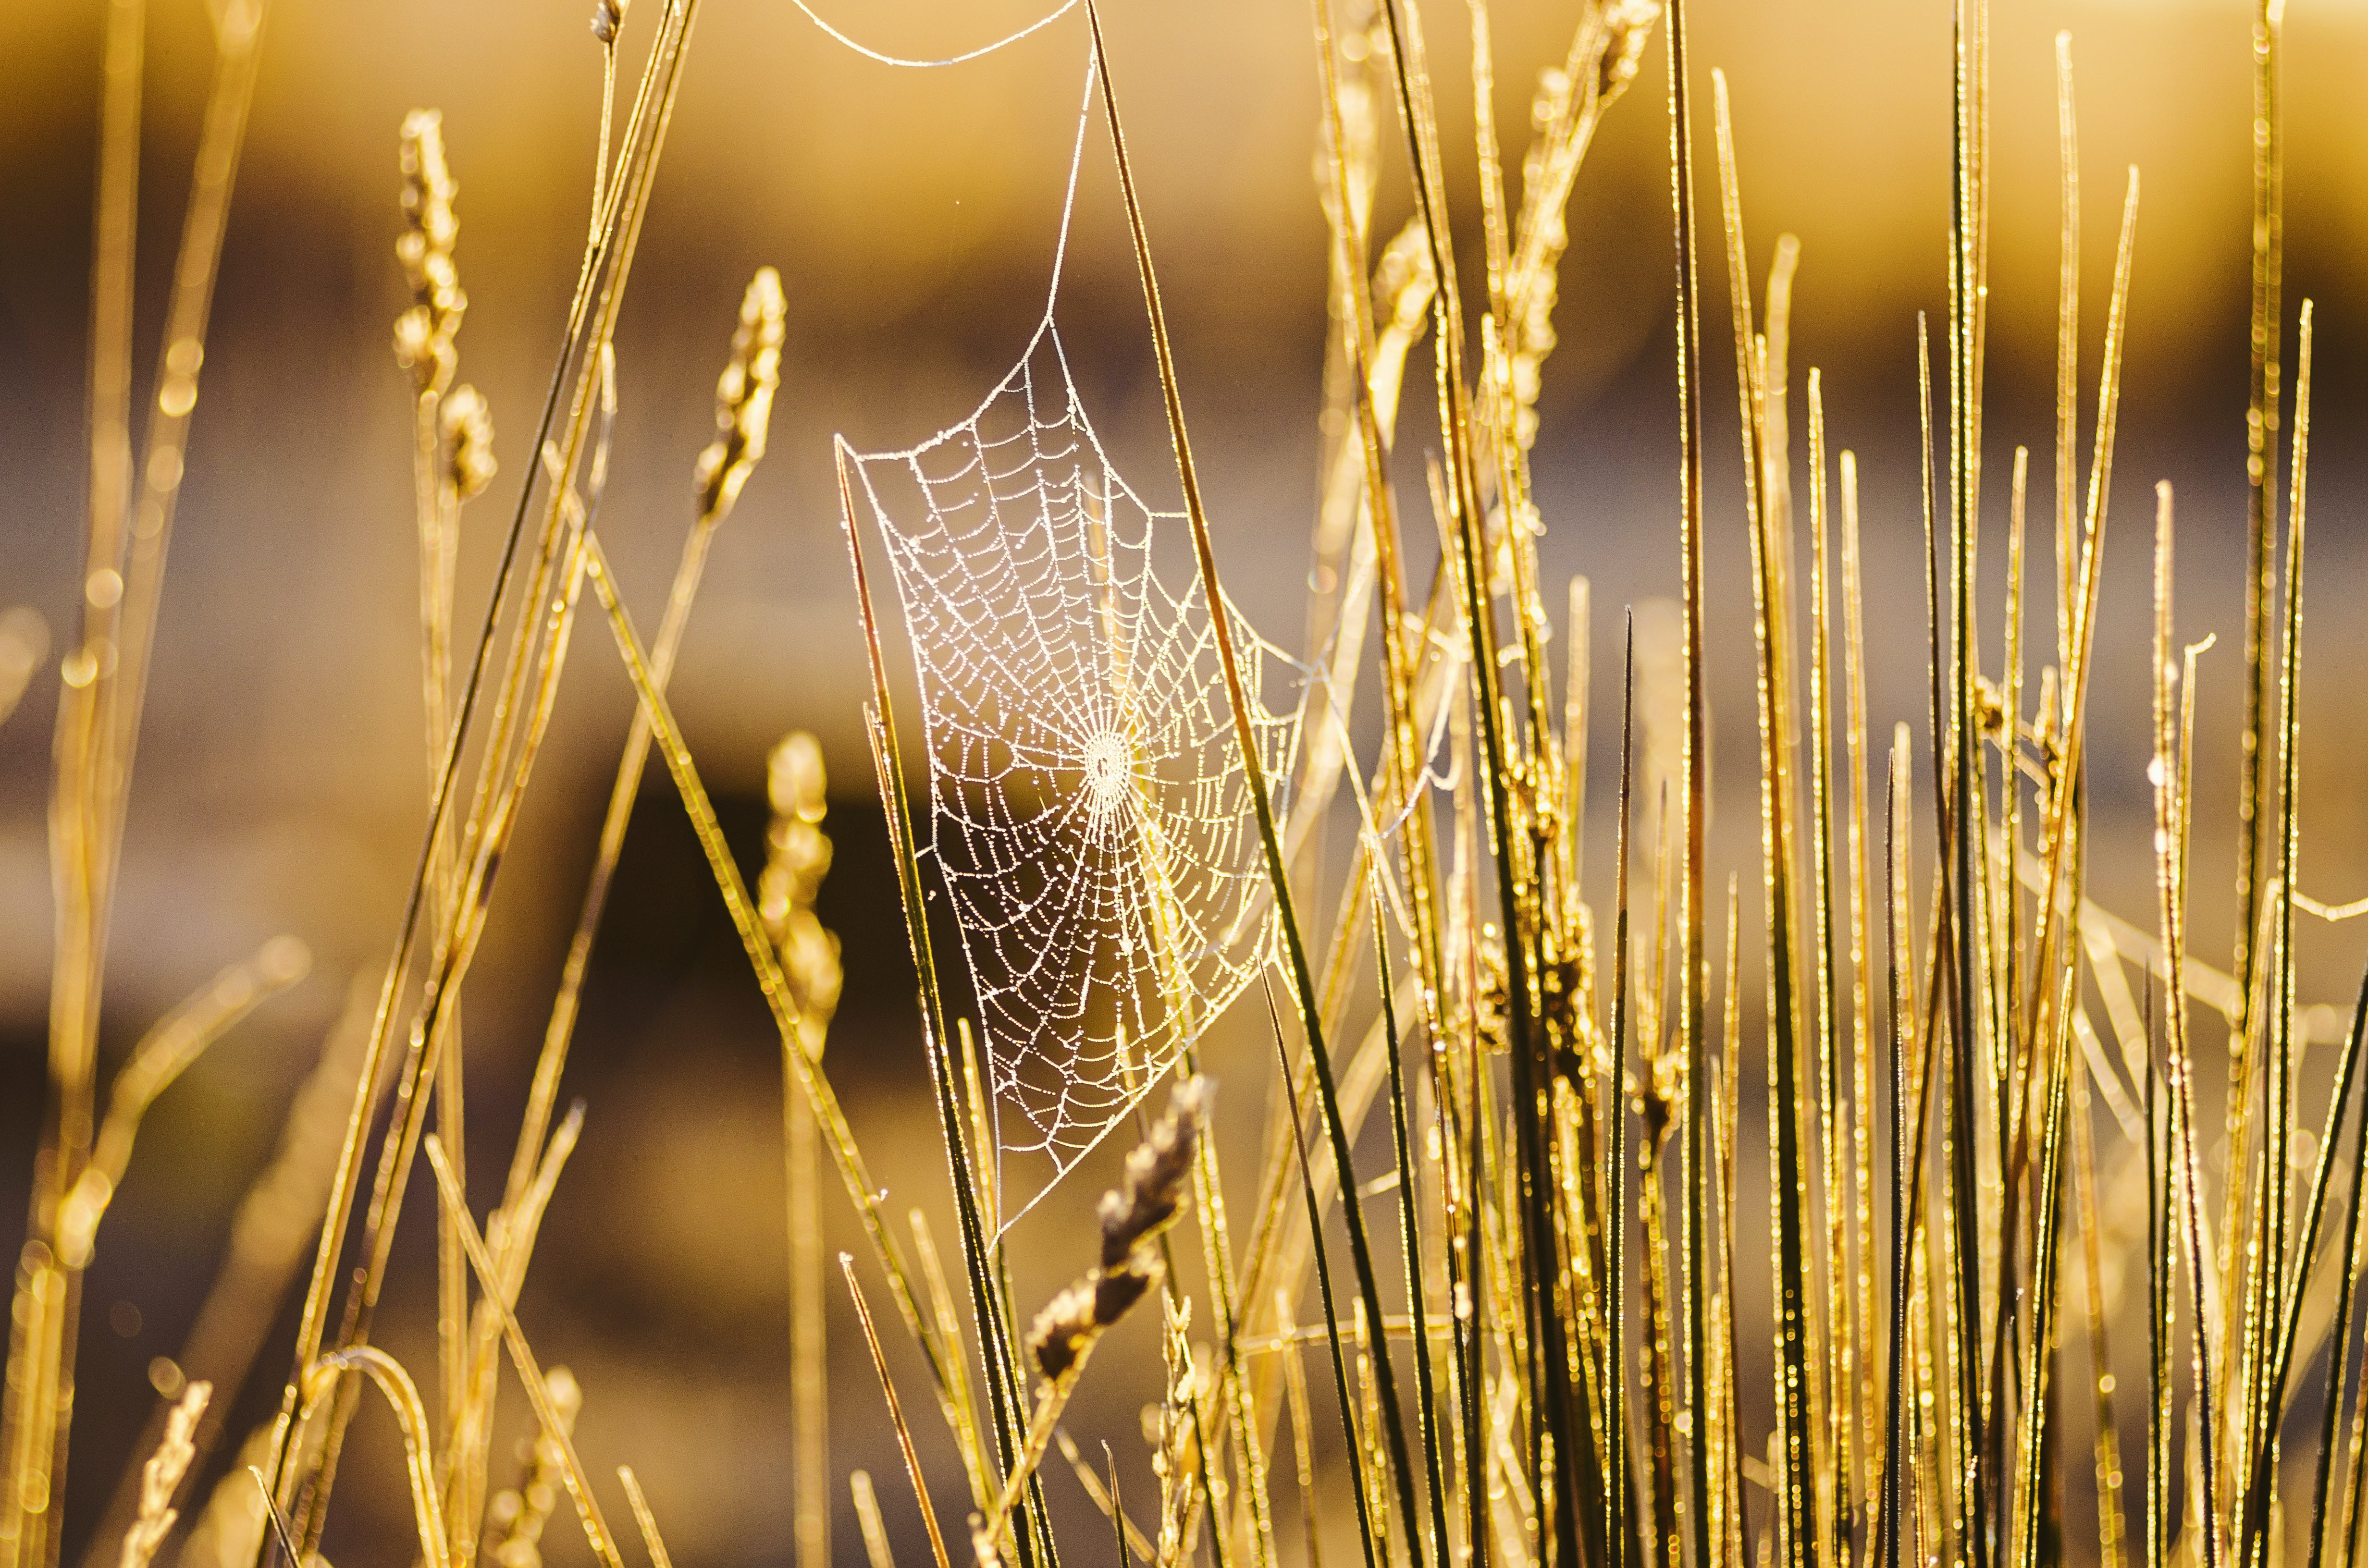 Бесплатное стоковое фото с максросъемка, паутина, пахотная земля, предзакатный час